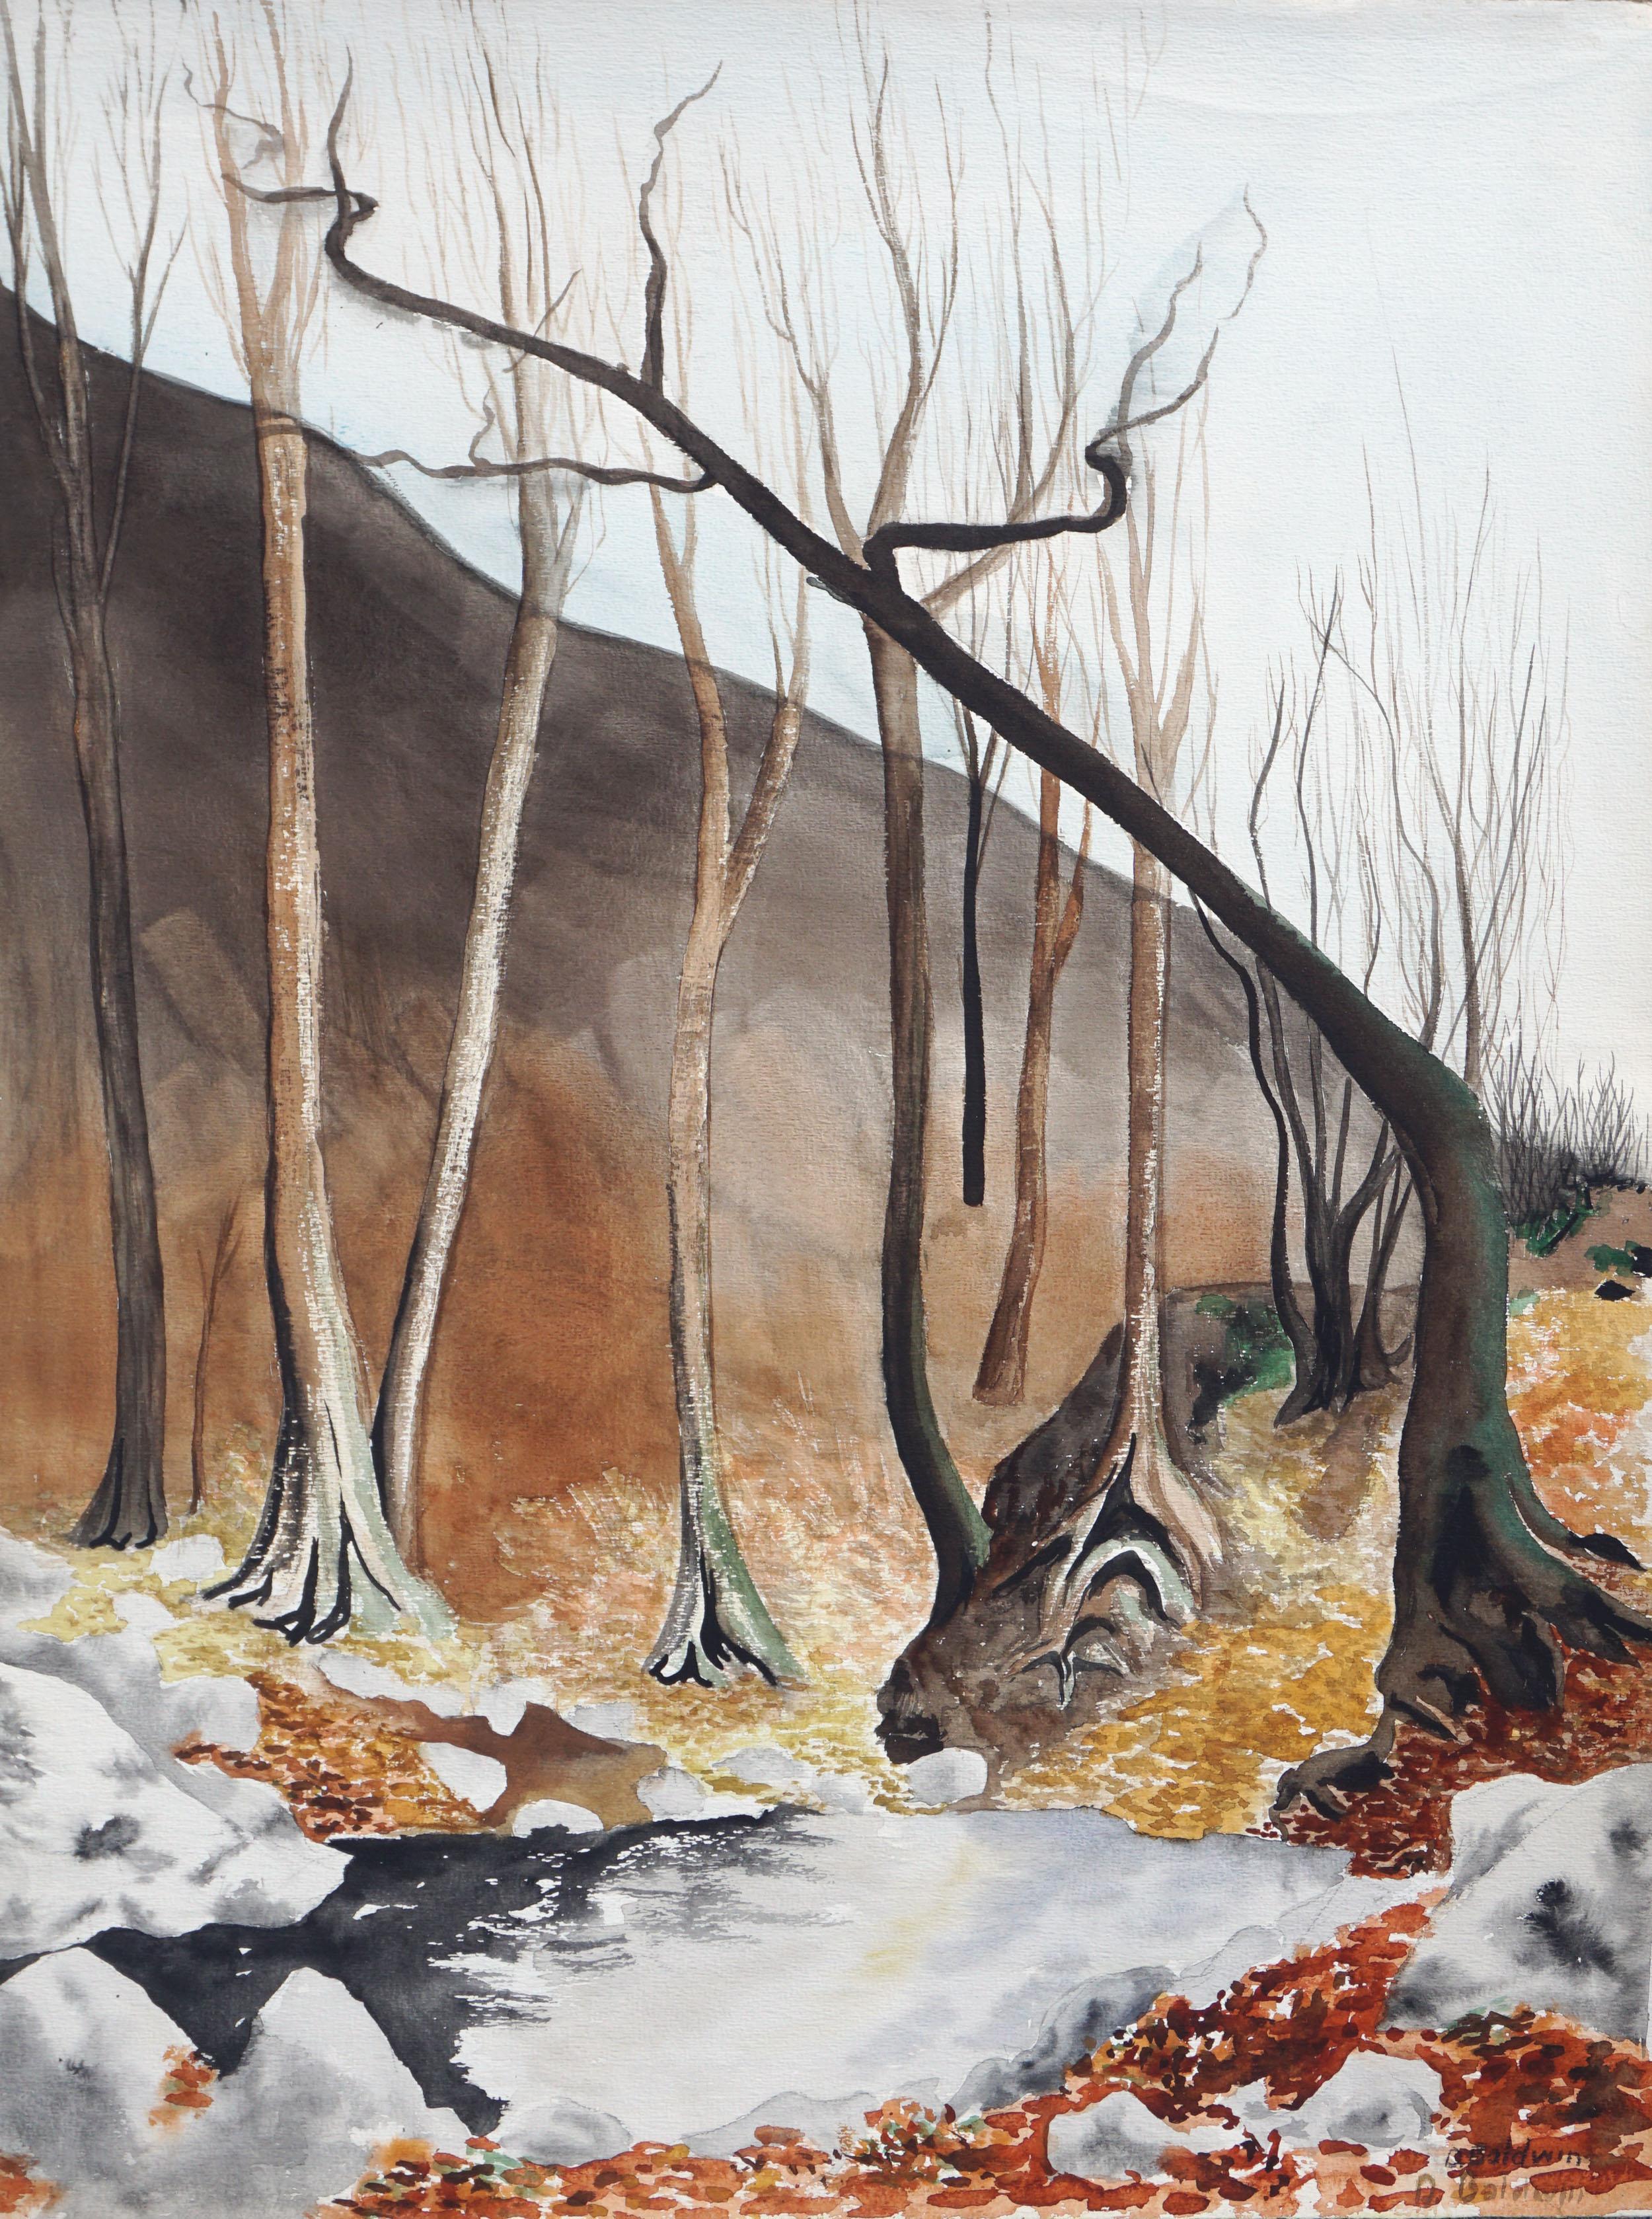 Aspens in Winter Landscape